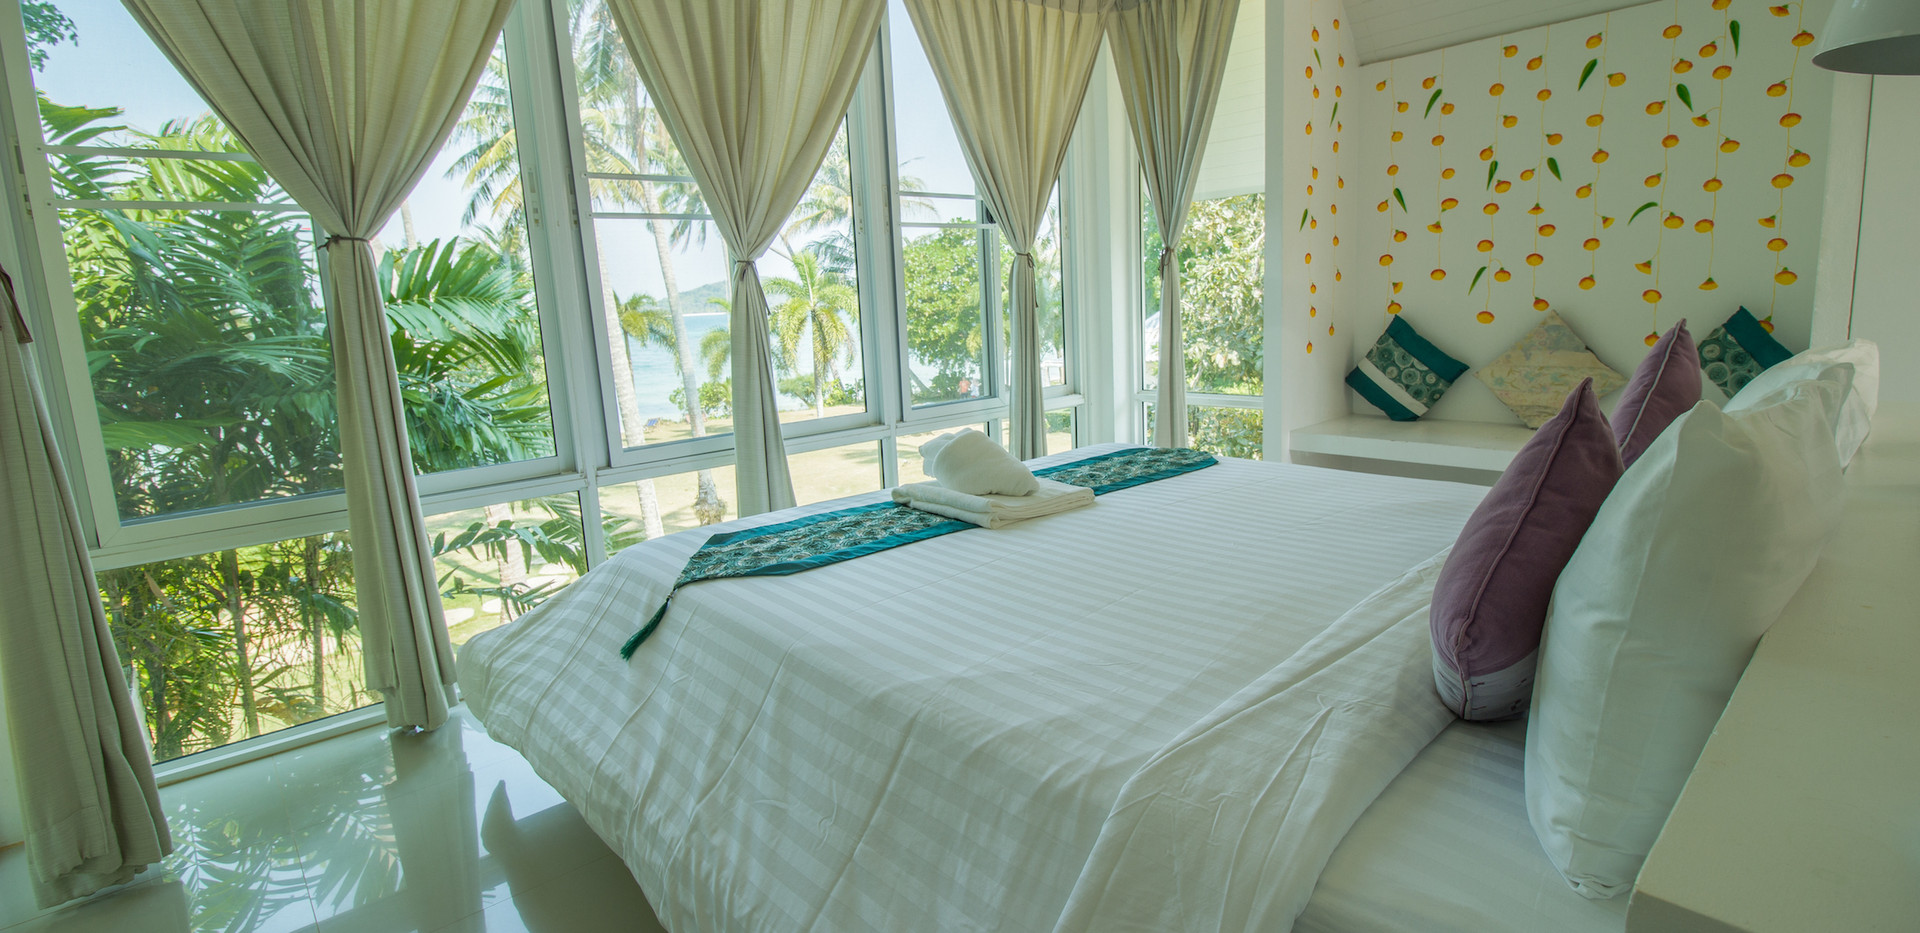 Thailand Yoga Holidays Destination Paradise Island Accommodation